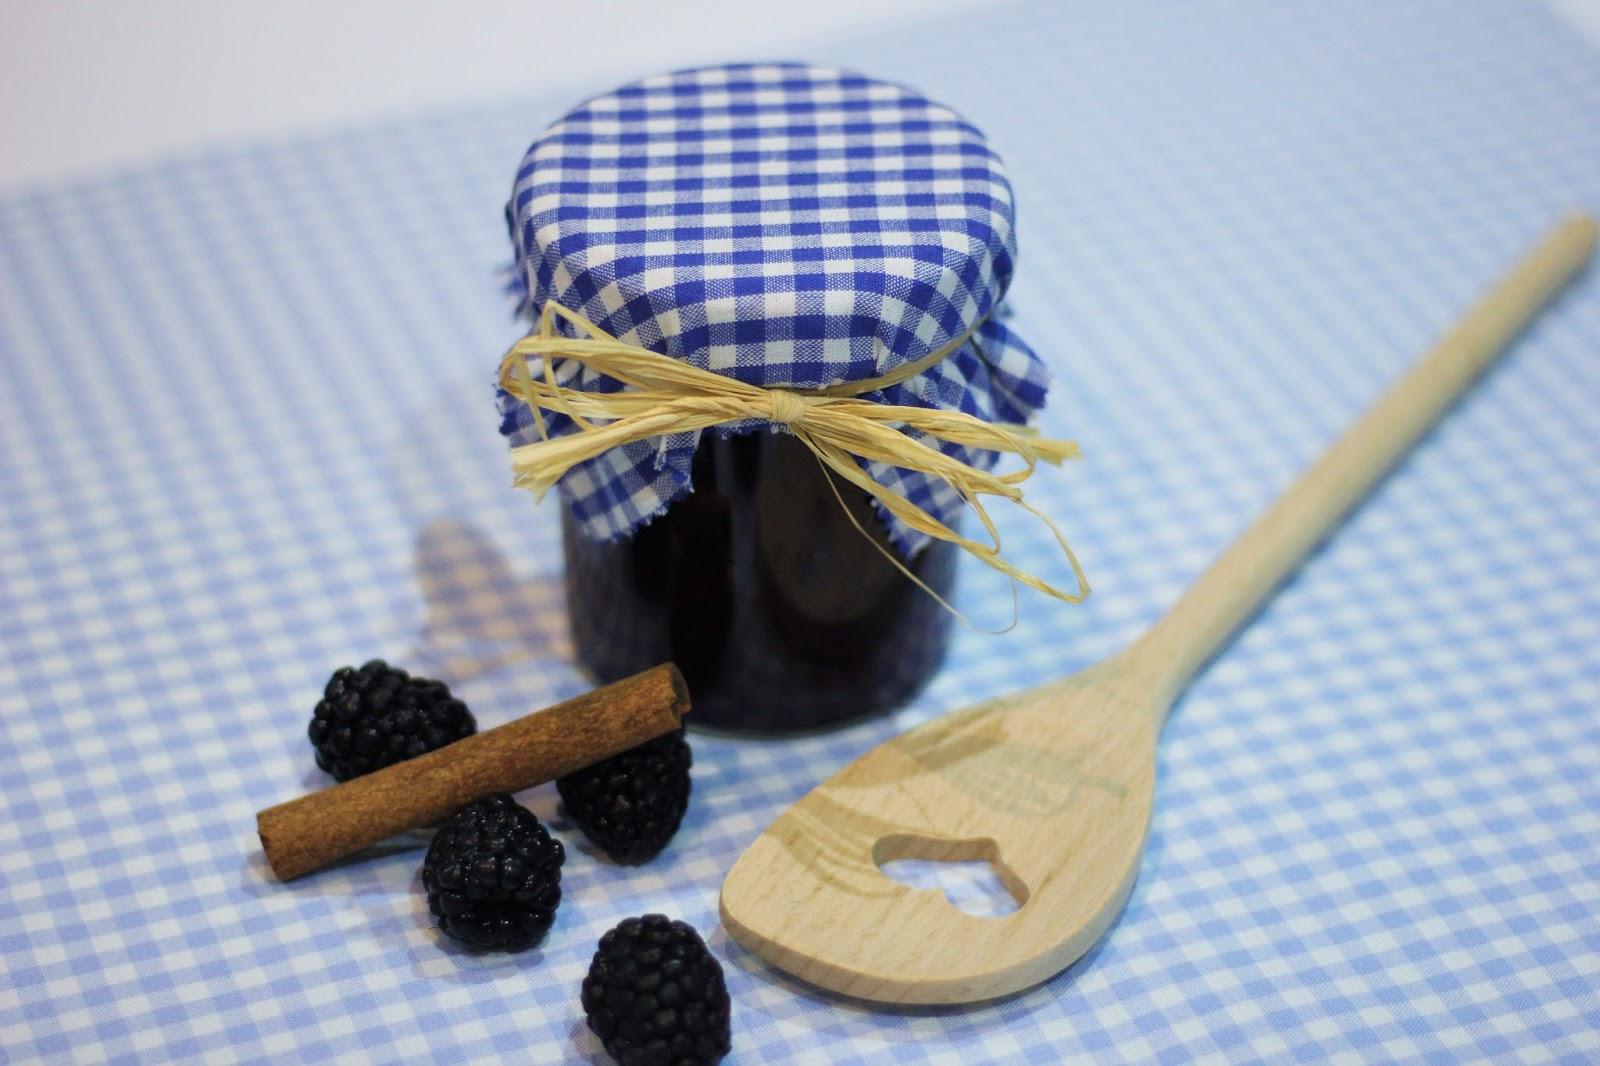 biskuitrolle mit kokos quark f llung und selbstgemachter brombeermarmelade lebe liebe backe. Black Bedroom Furniture Sets. Home Design Ideas